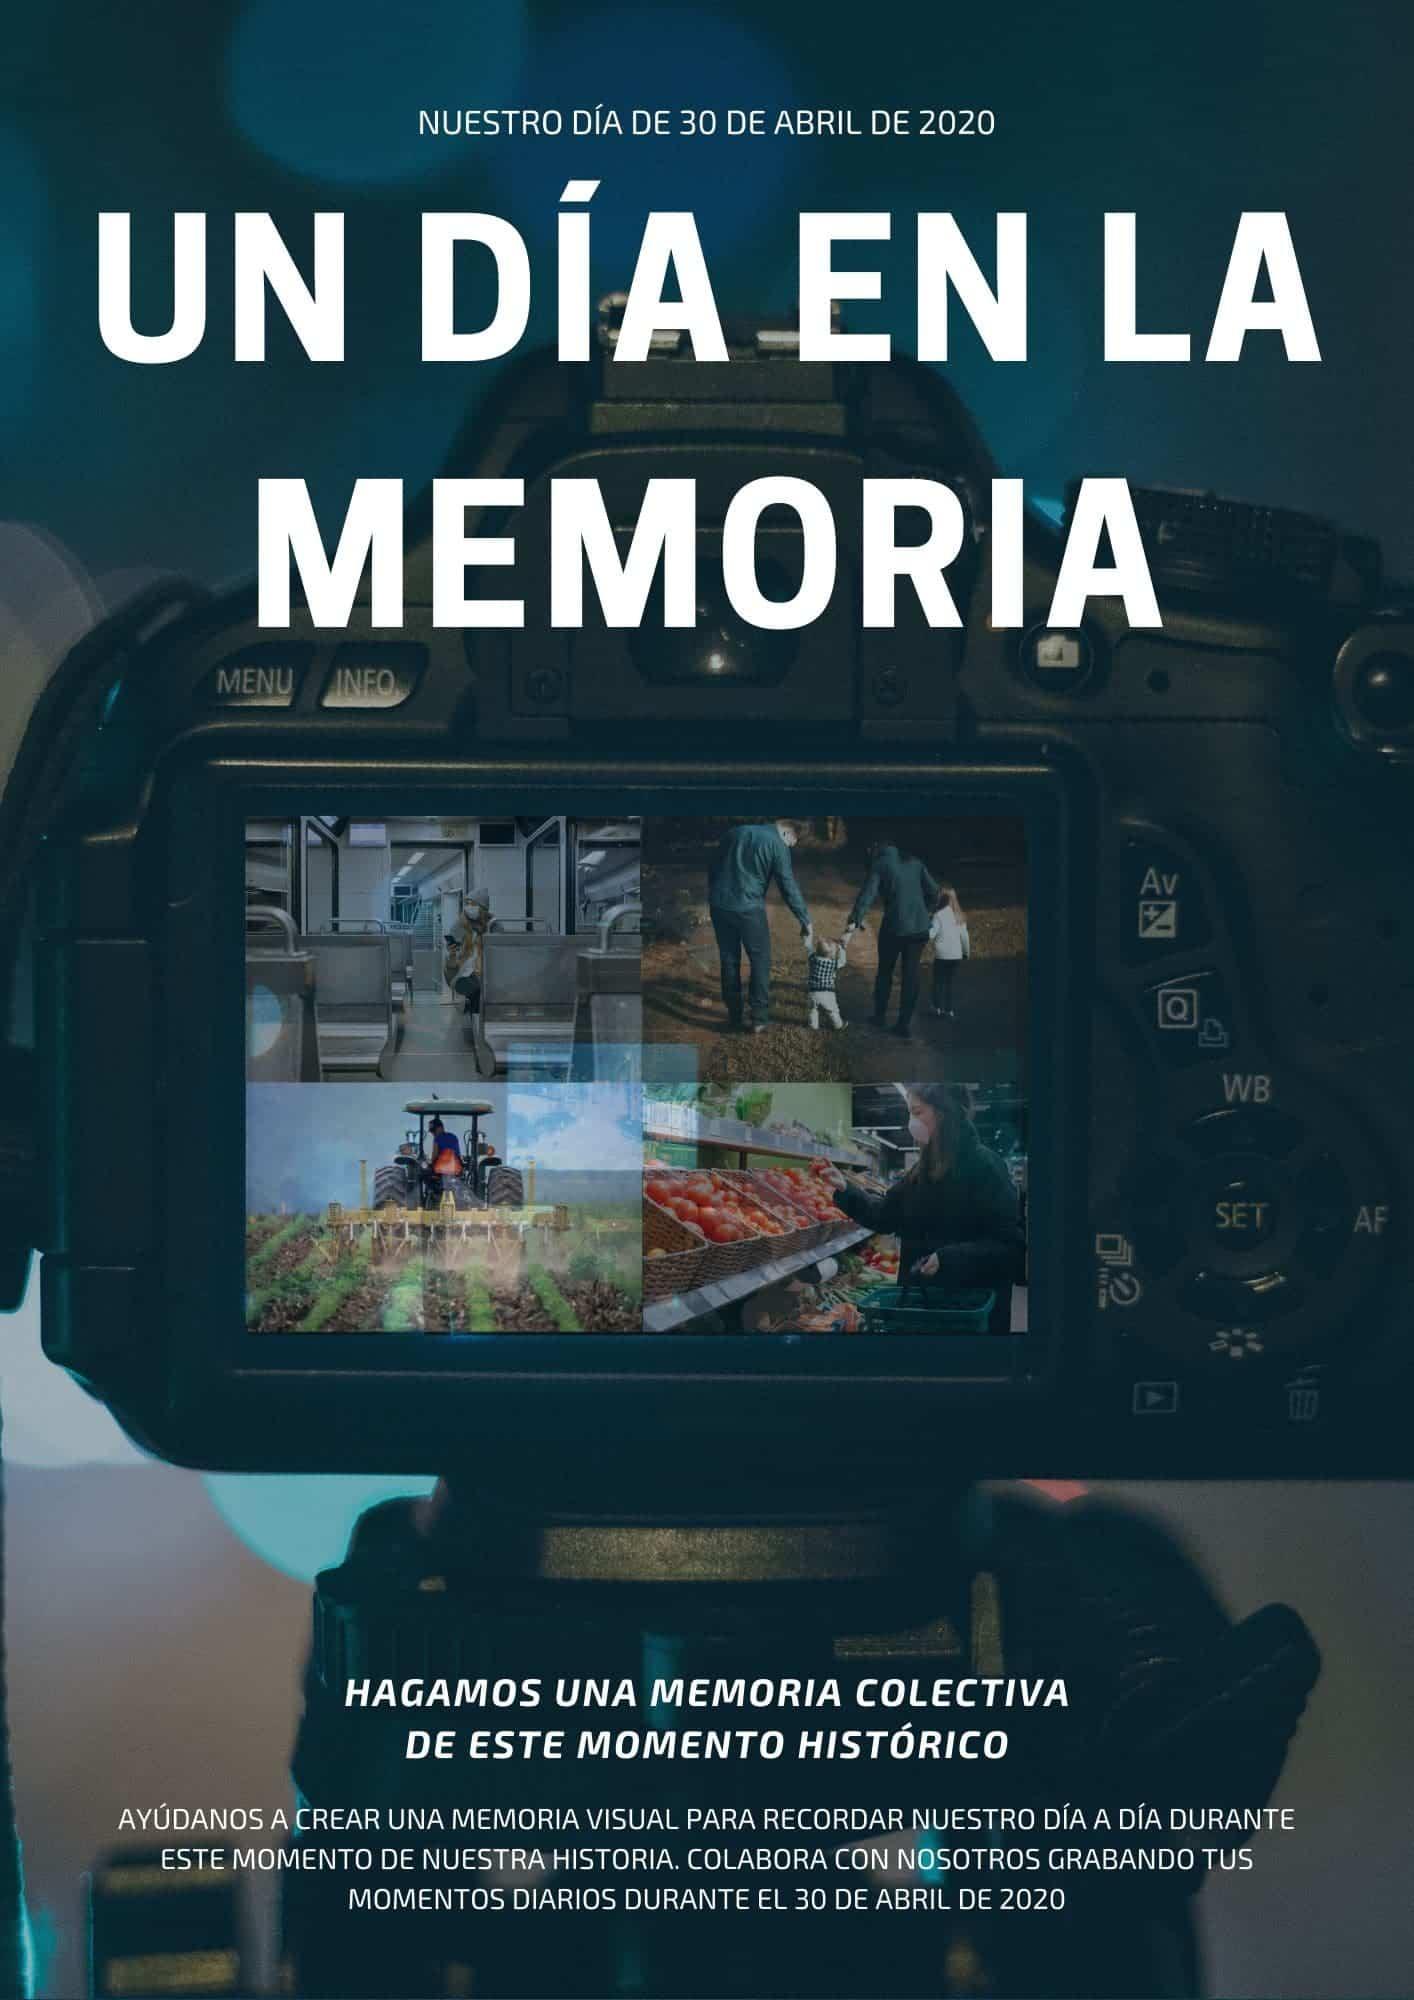 un dia memoria herencia - Un día en la memoria. Proyecto de vídeo Memoria en Comunidad